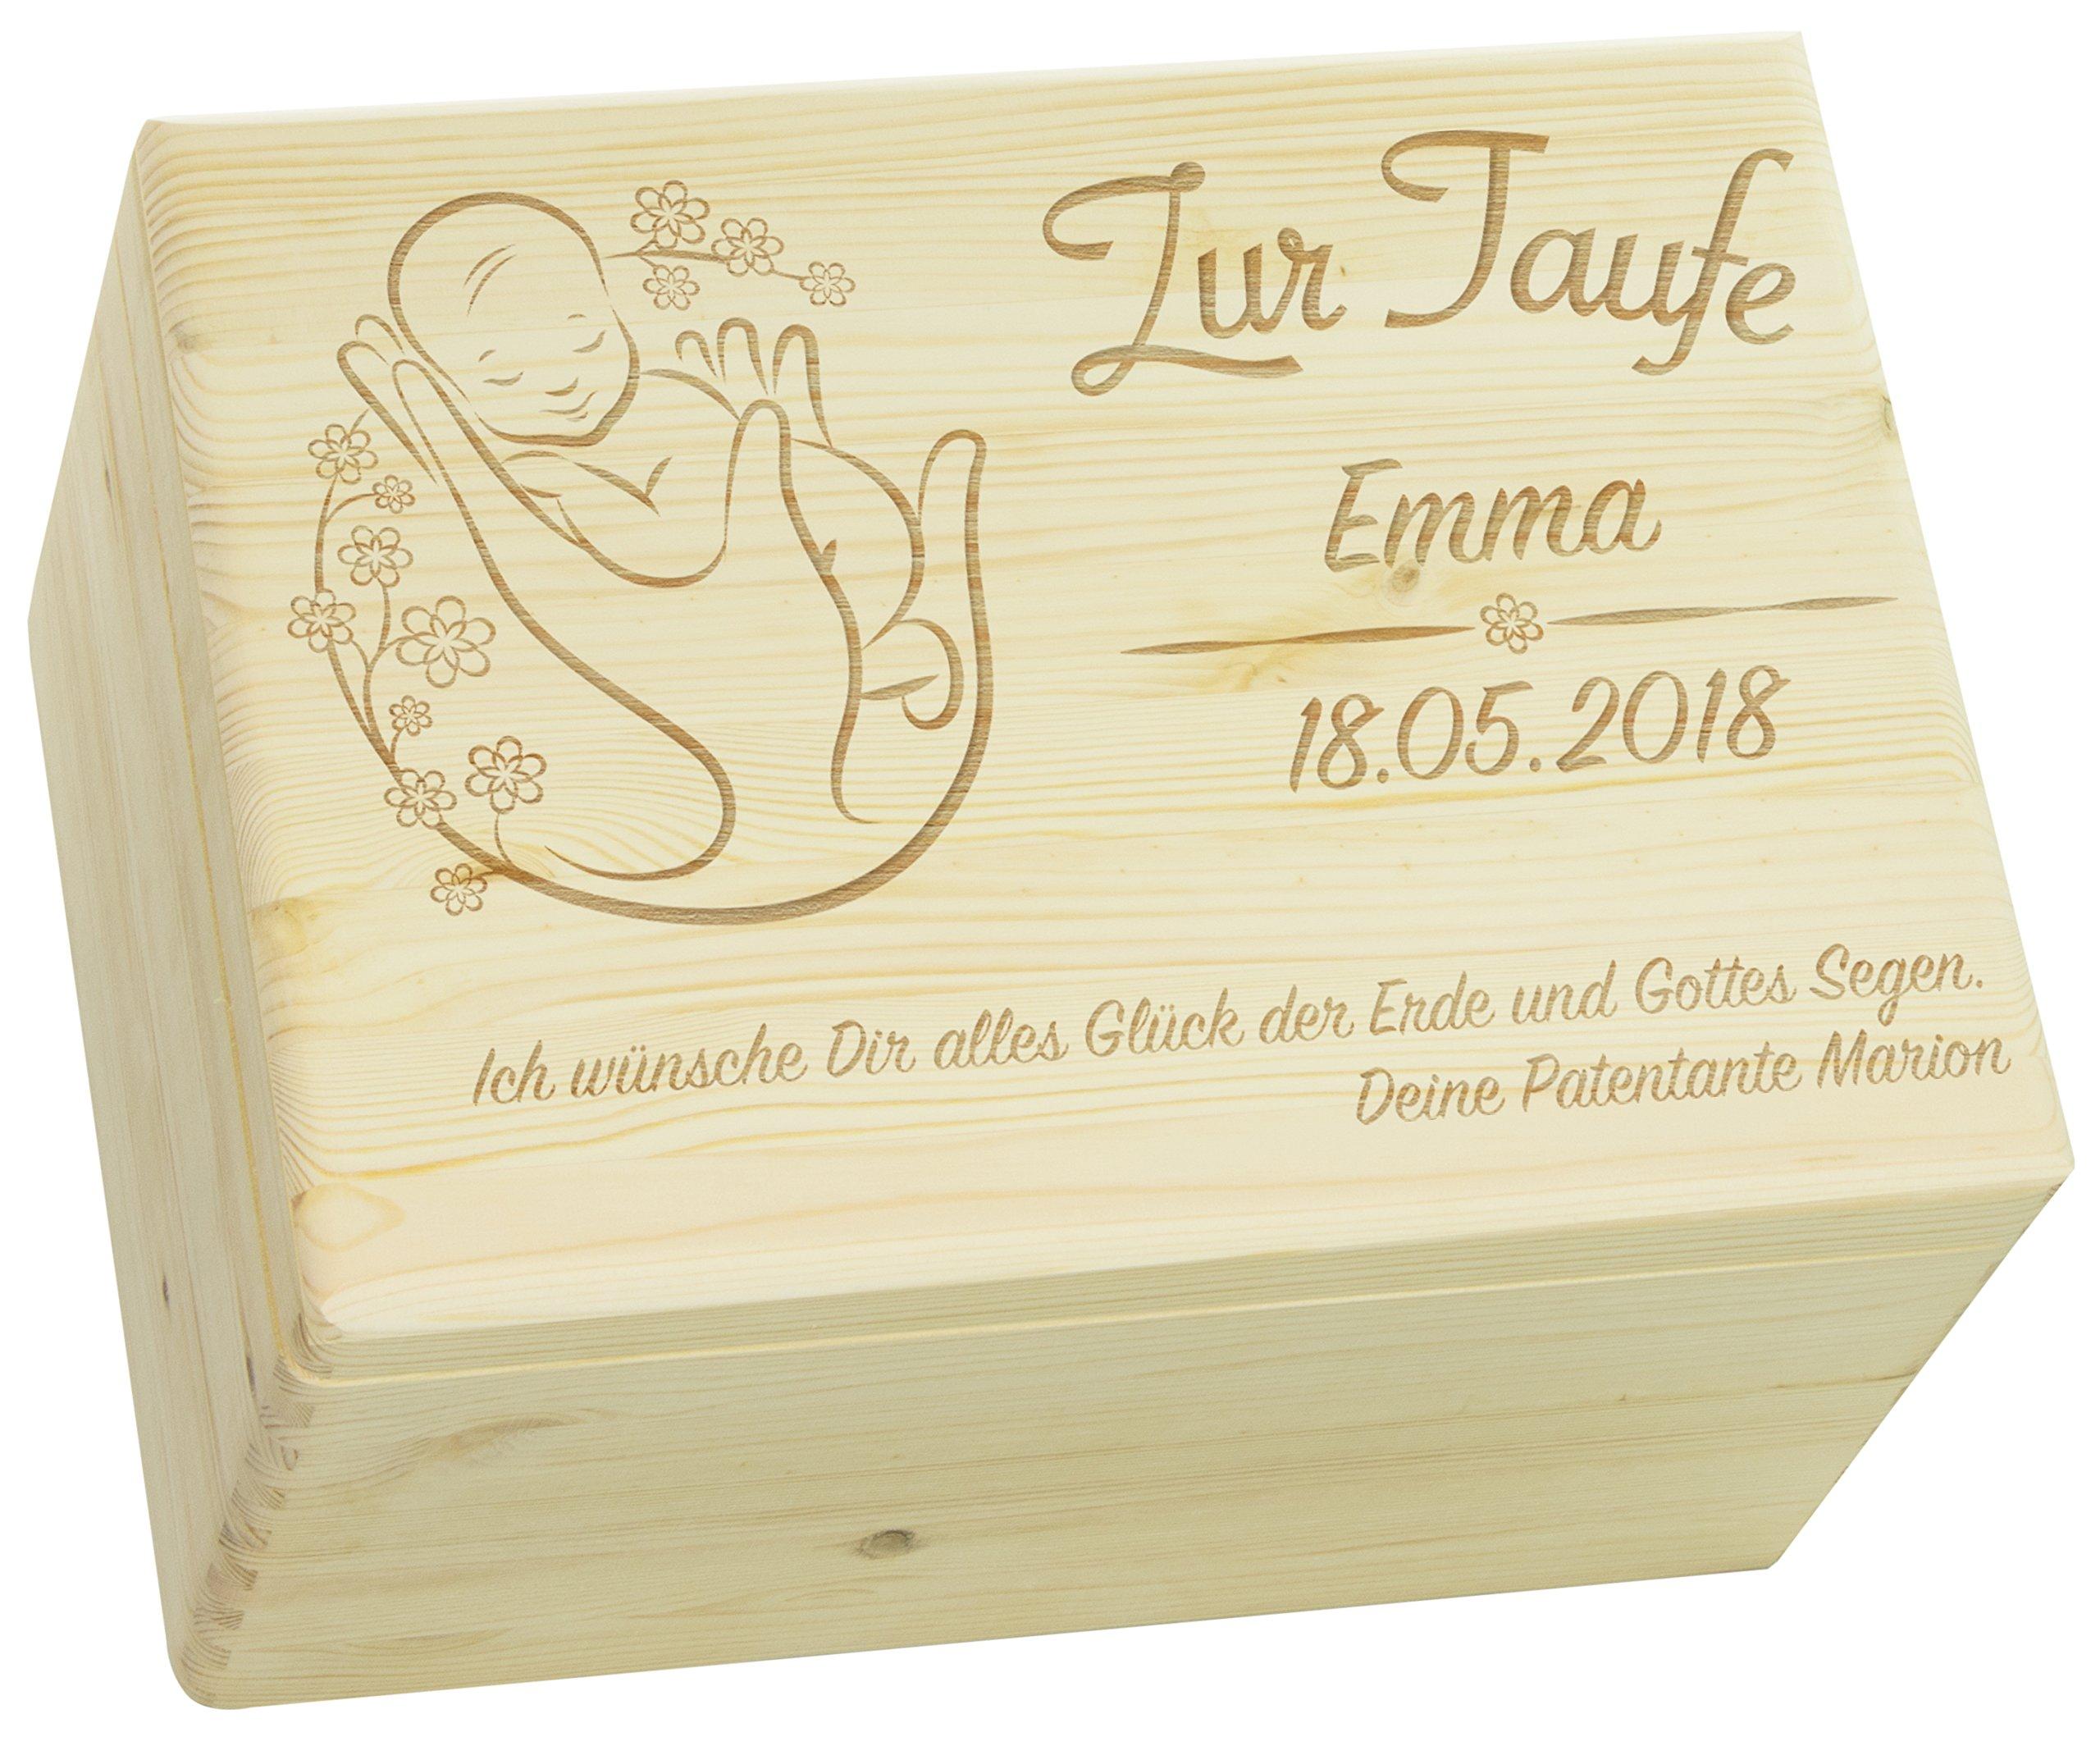 LAUBLUST Holzkiste mit Gravur - Personalisiert mit ❤️ Name | Datum | WIDMUNG ❤️ - Natur Größe XL - Blumenbaby Motiv - Geschenkkiste zur Taufe 1